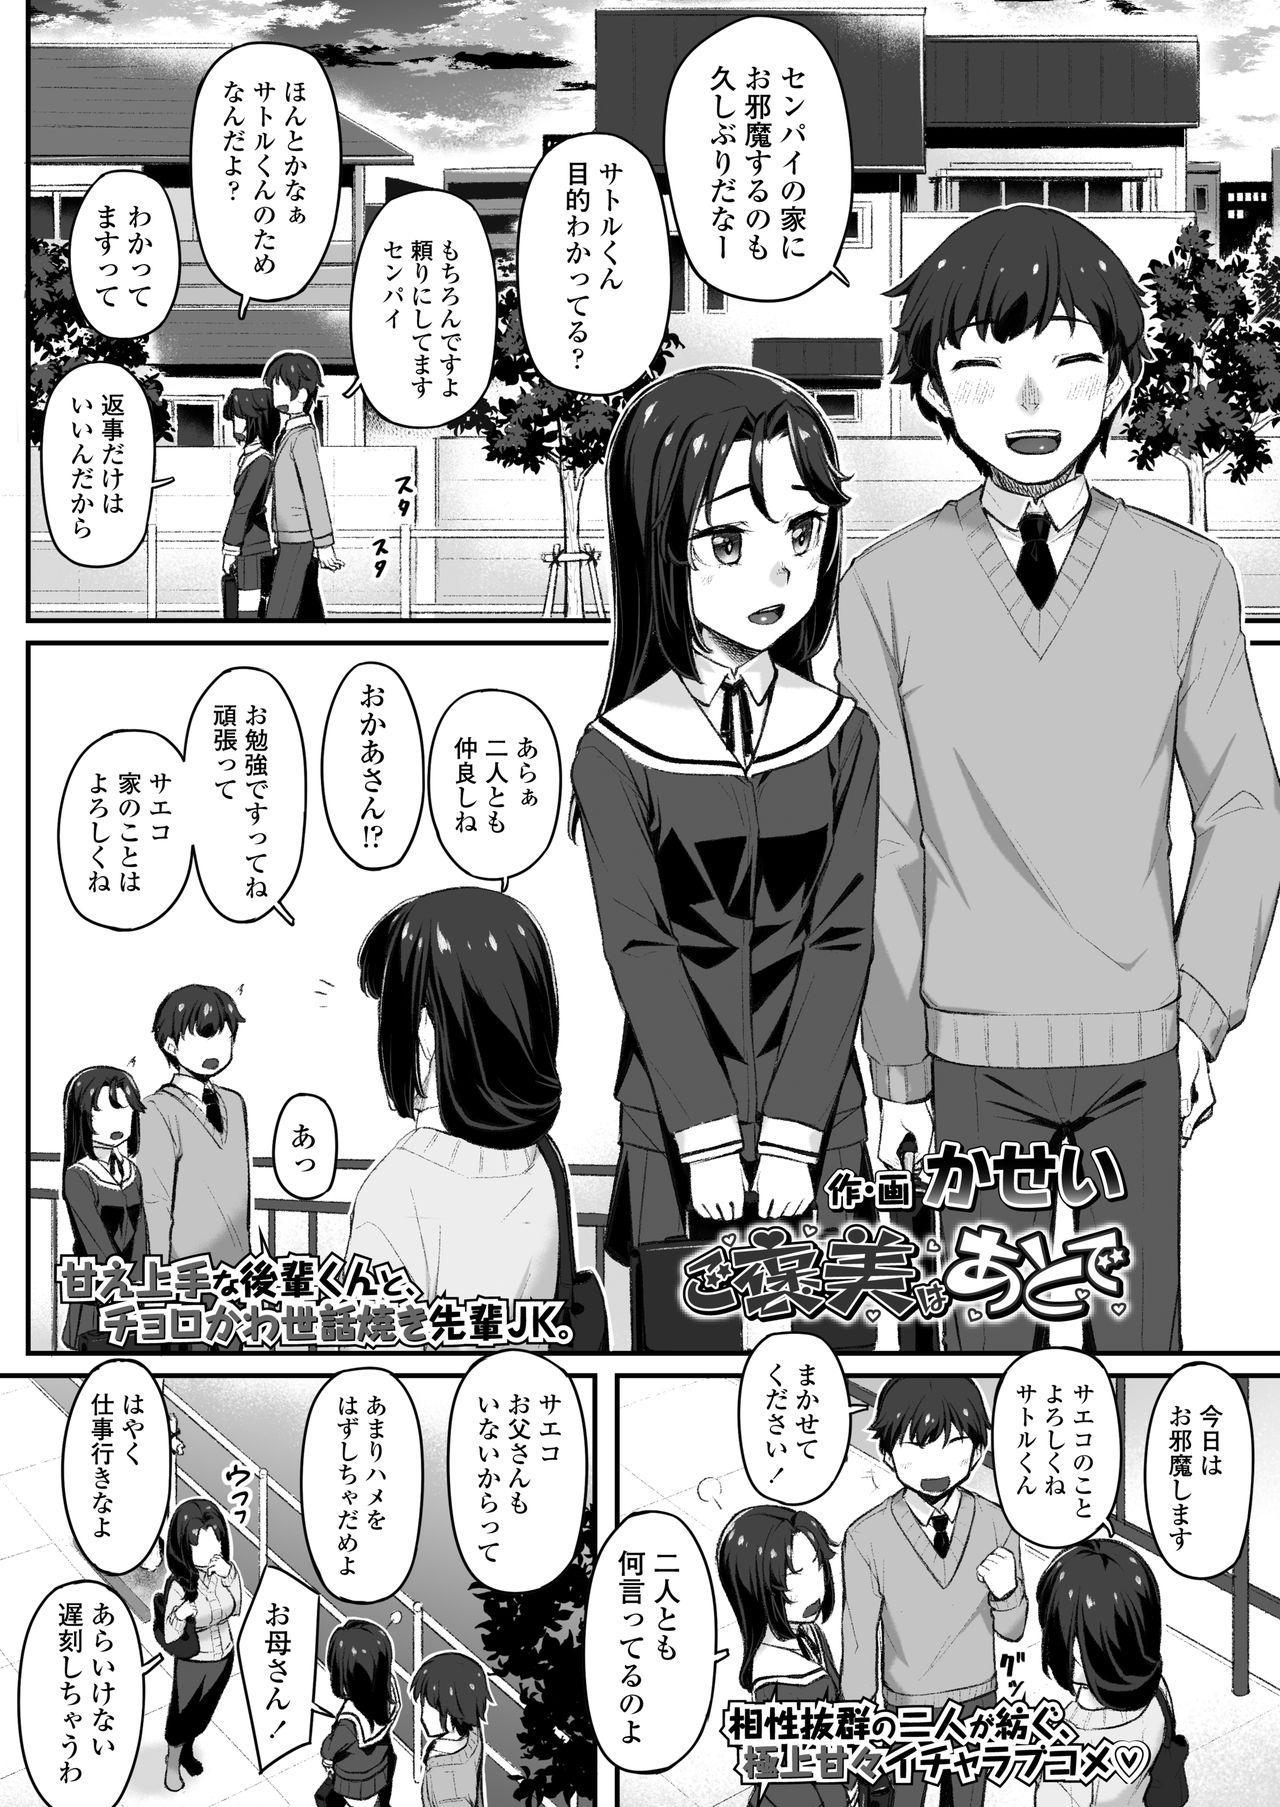 COMIC AOHA 2020 Natsu 170